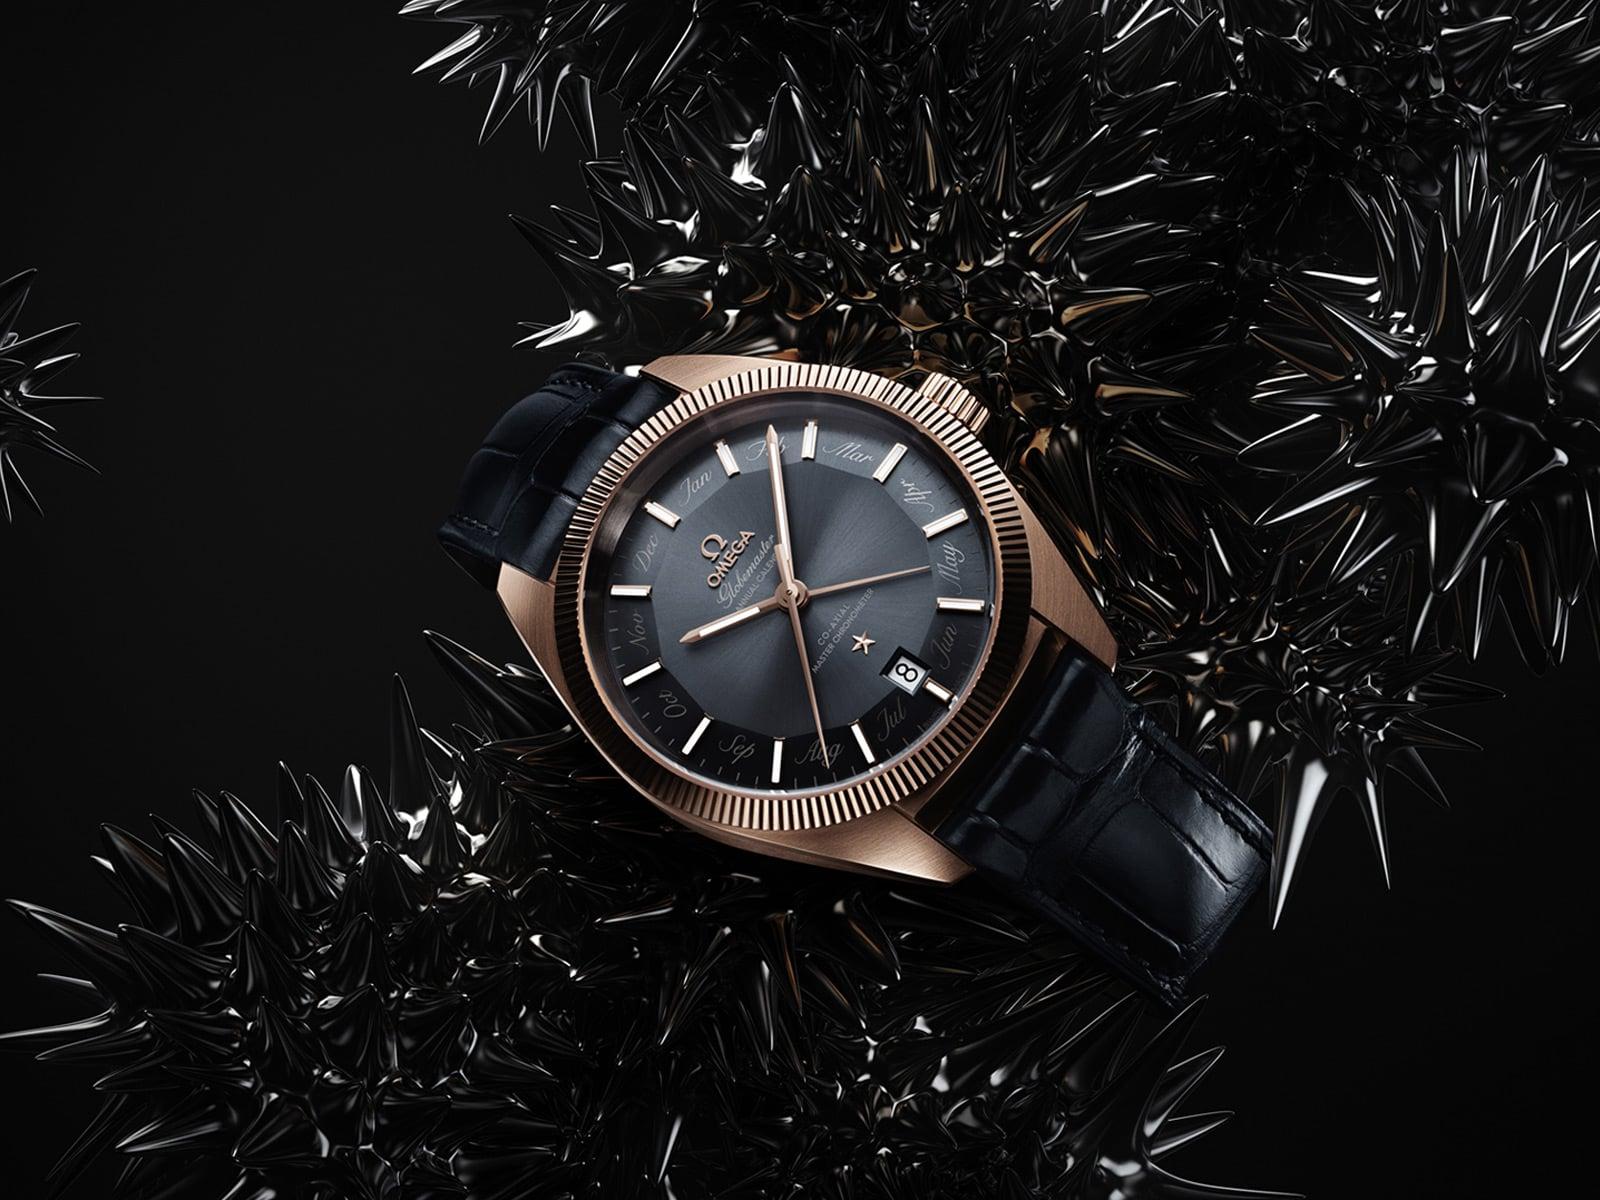 欧米茄腕表: 防磁腕表——难以阻挡的魅力 - 单个 - 35955